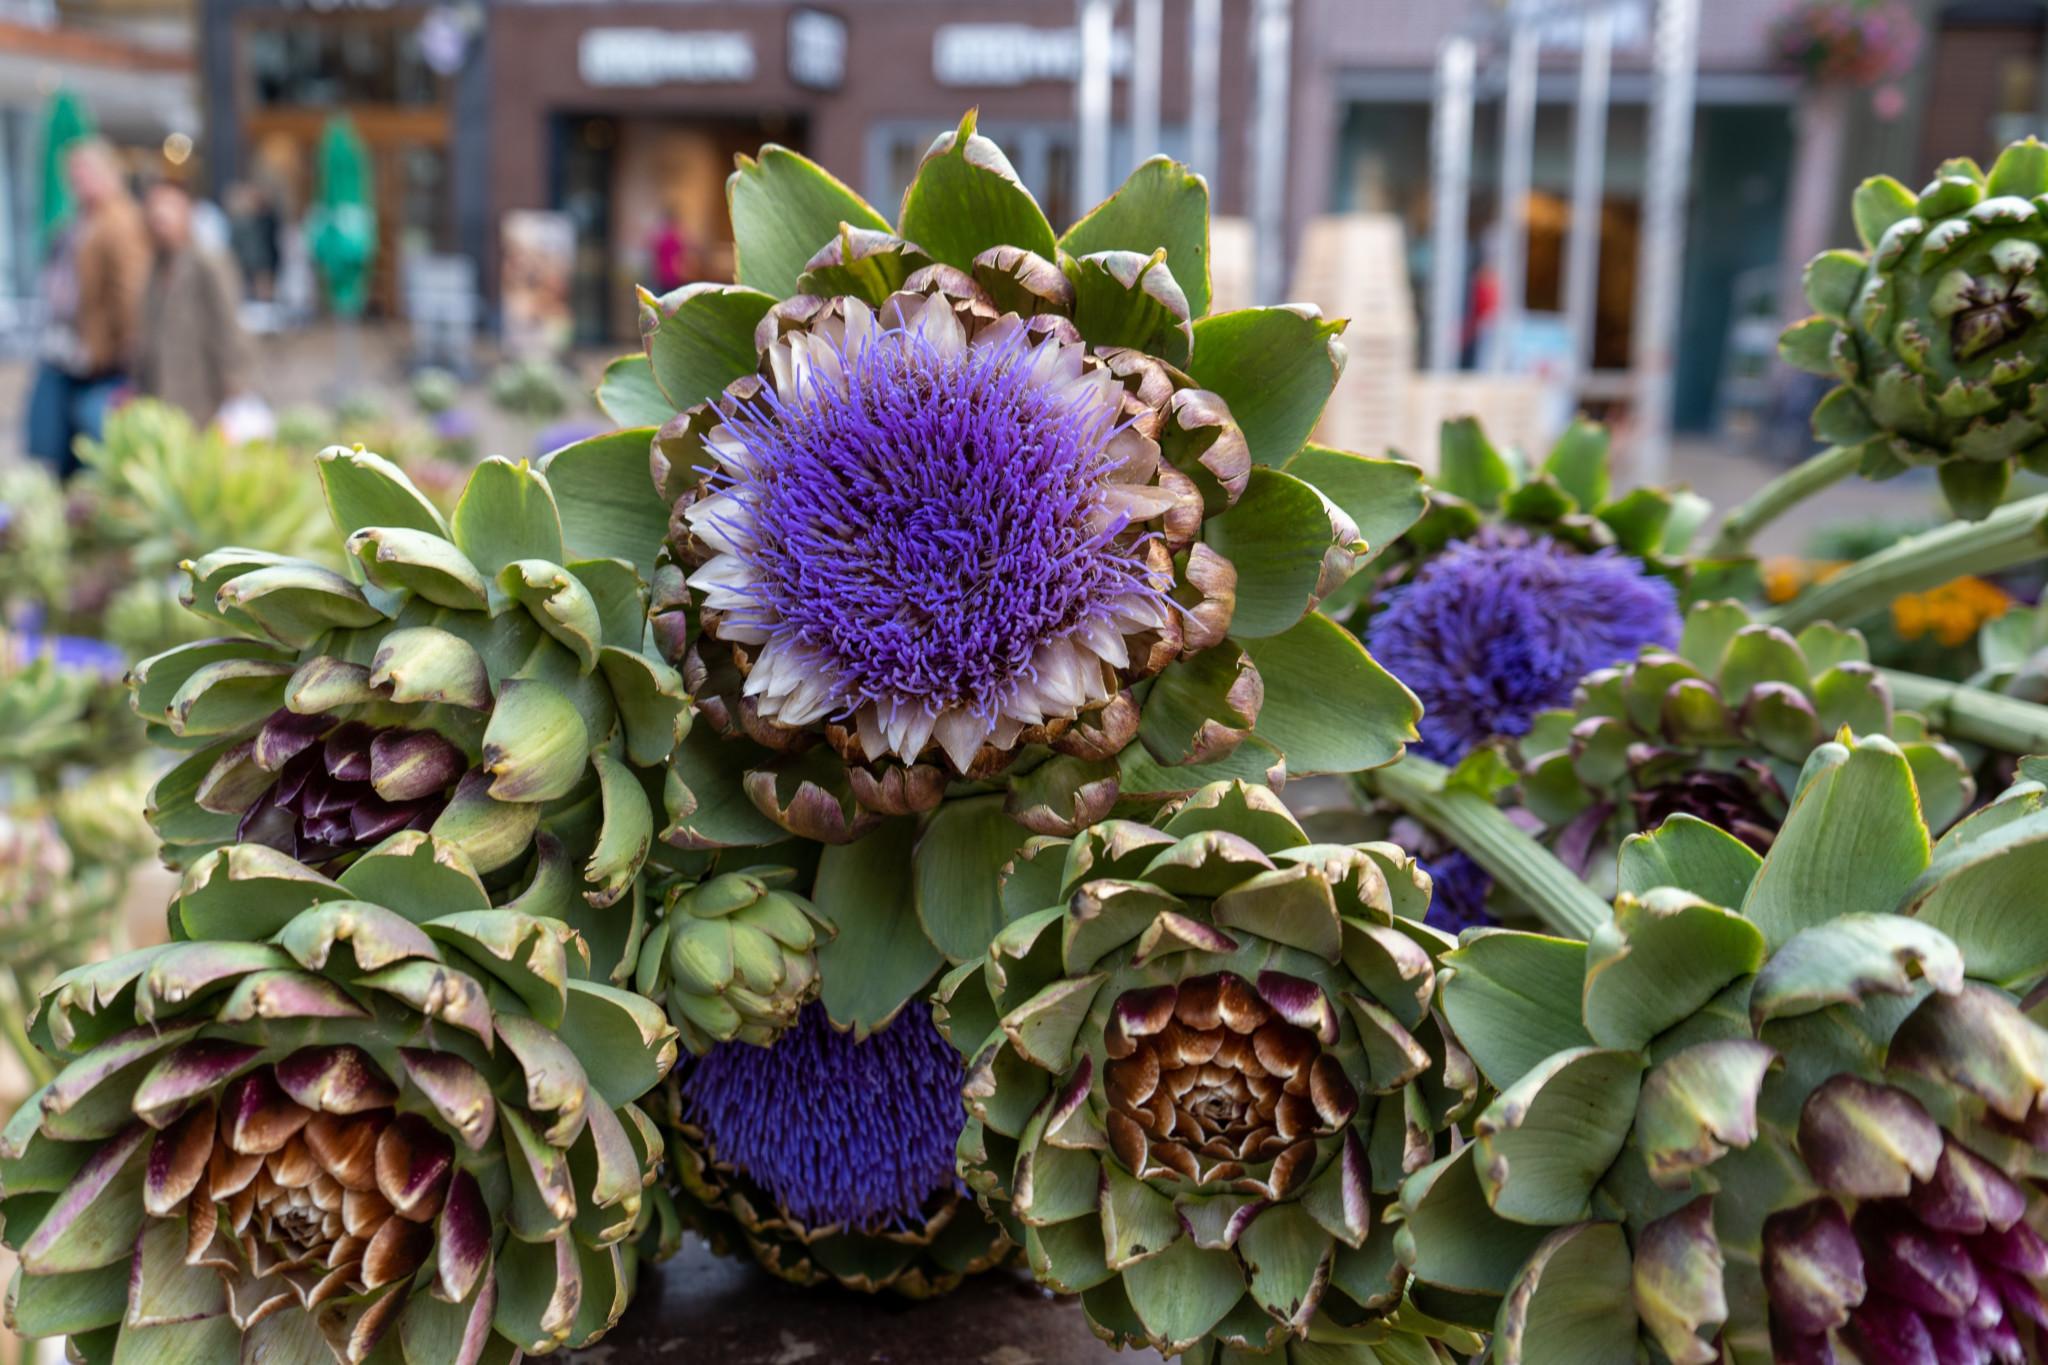 Artischockenblumen auf dem Markt